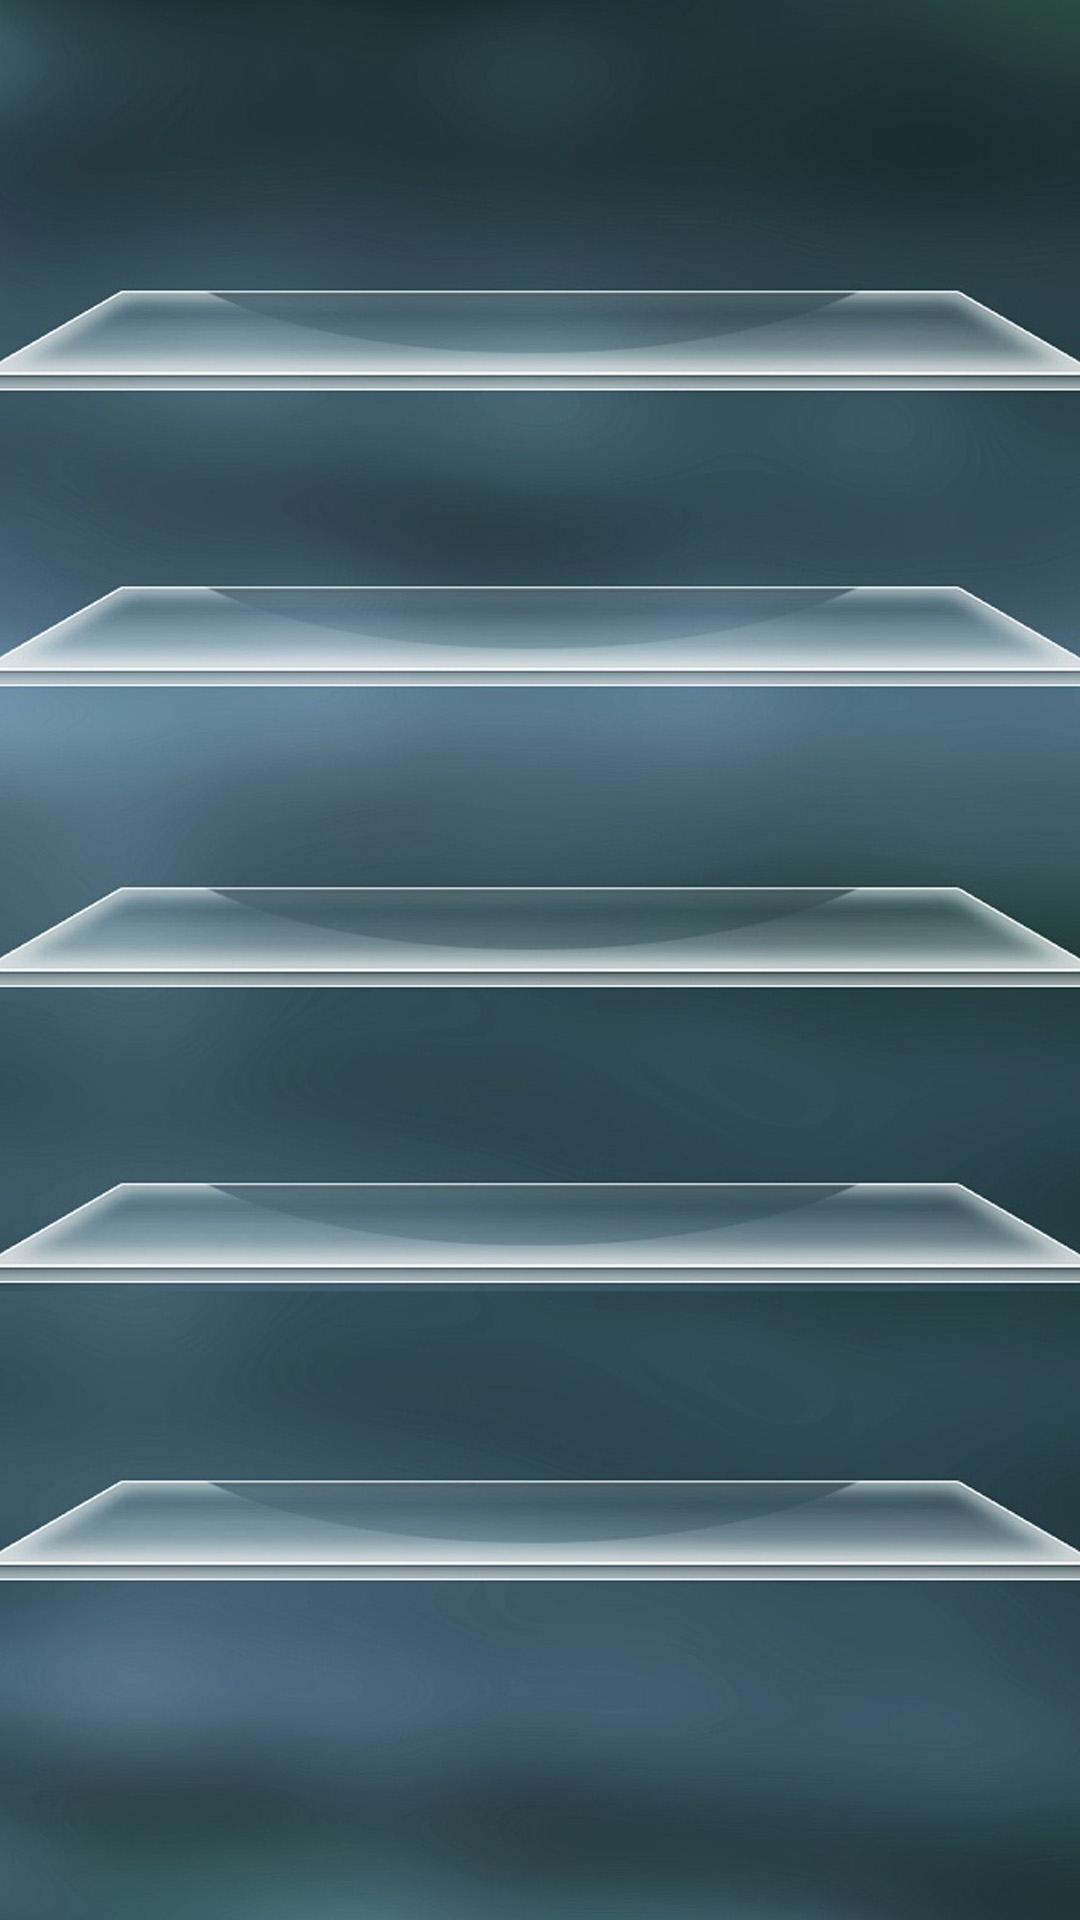 Wallpaper iphone plus - Shelf Iphone 6 Plus Wallpaper 87 Iphone 6 Plus Wallpapers Hd